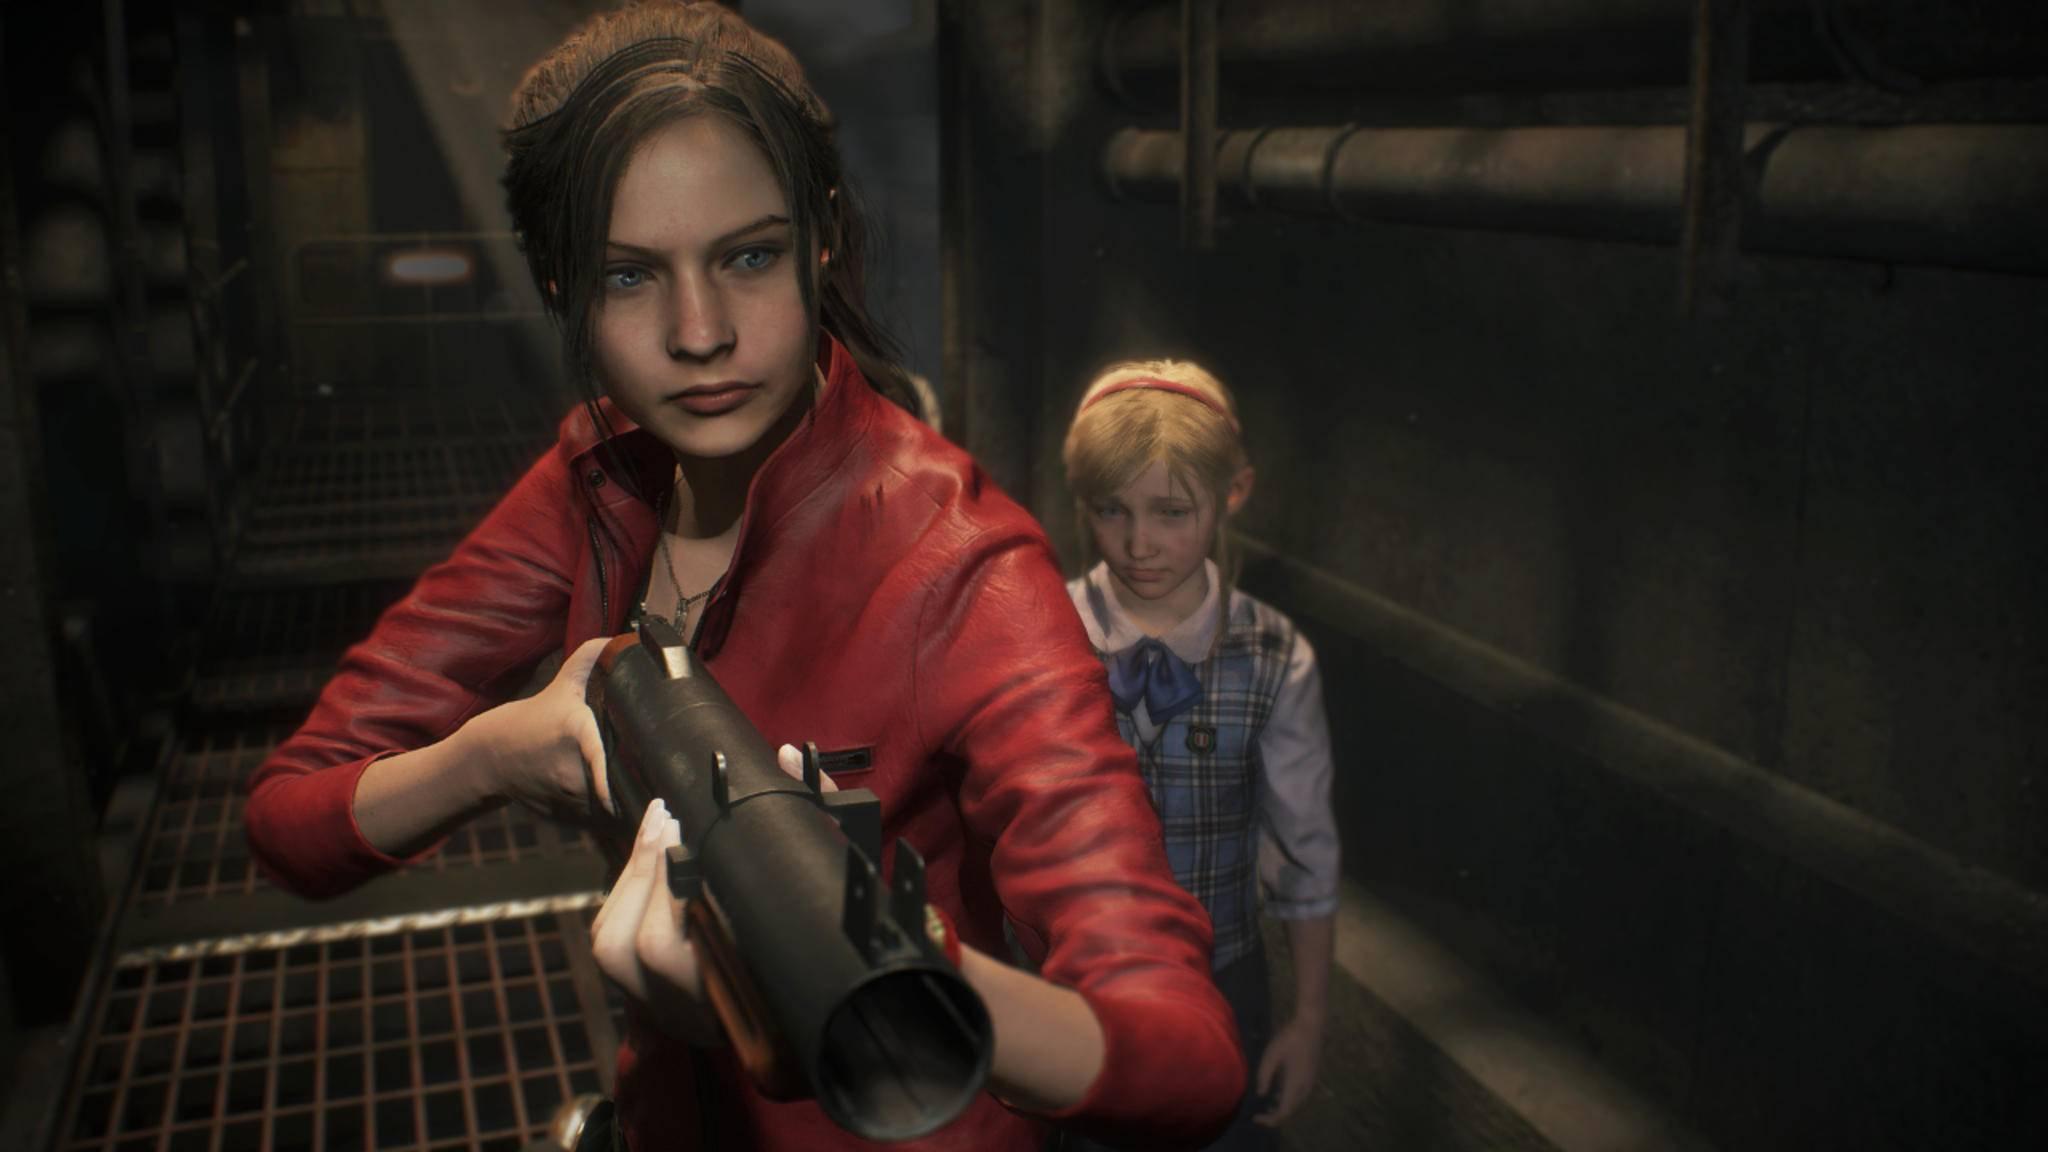 """Die Reminiszenz an """"Aliens"""" ist sicher nicht ganz zufällig: Claire Redfield als Ersatzmutter der kleinen Sherry Birkin in """"Resident Evil 2""""."""